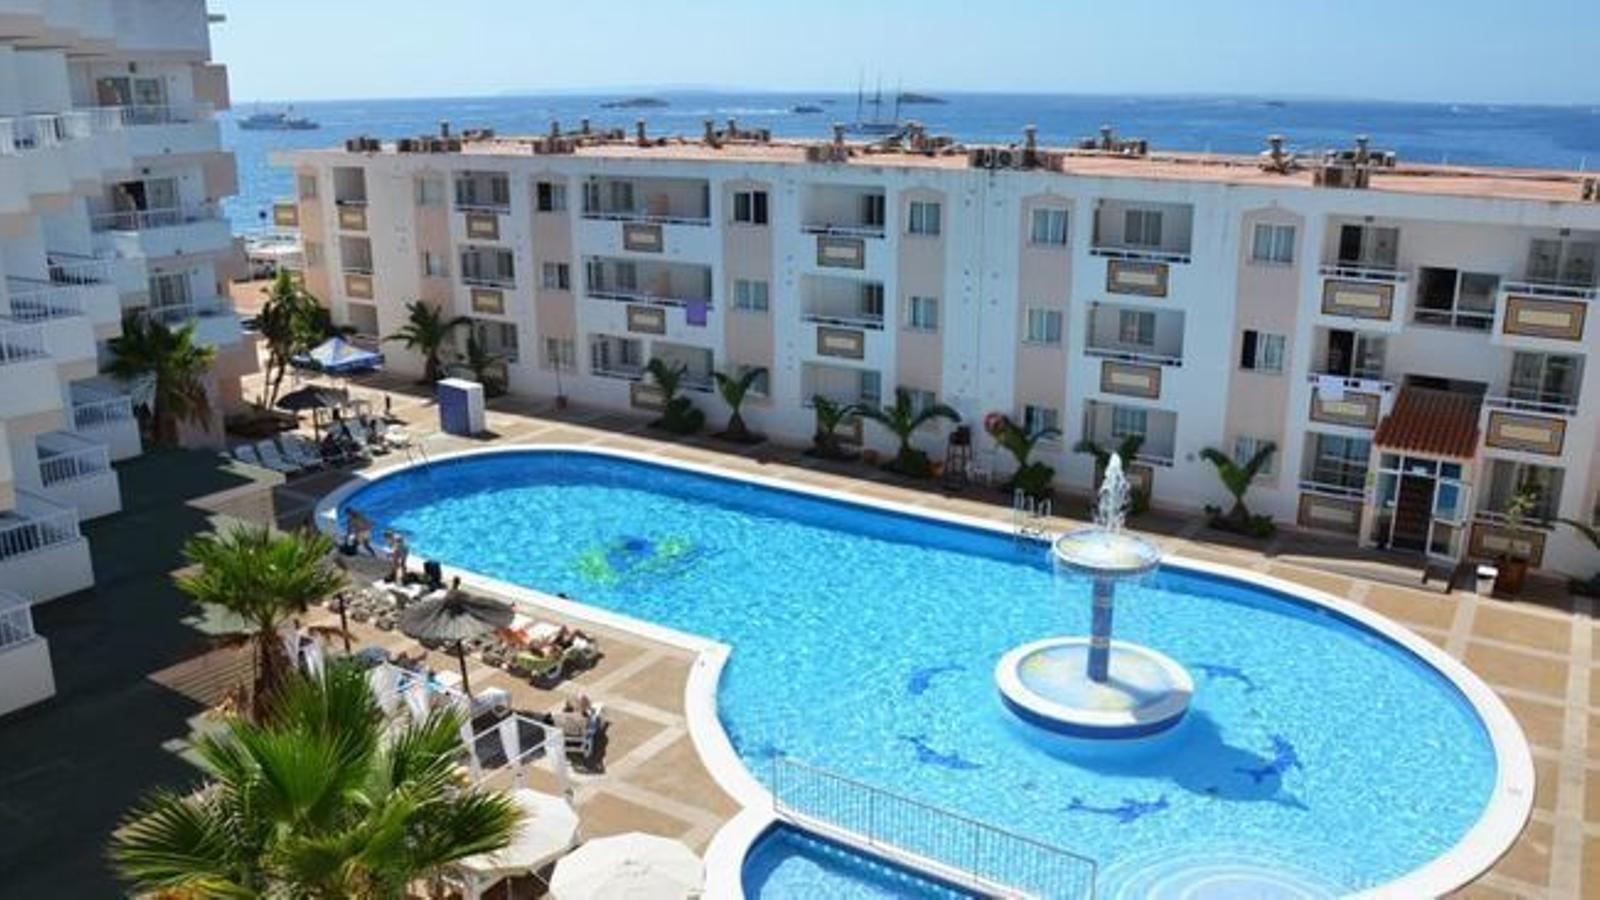 L'estada mitjana dels viatgers que van optar per un apartament turístic a les Illes va ser de 5,3 dies.